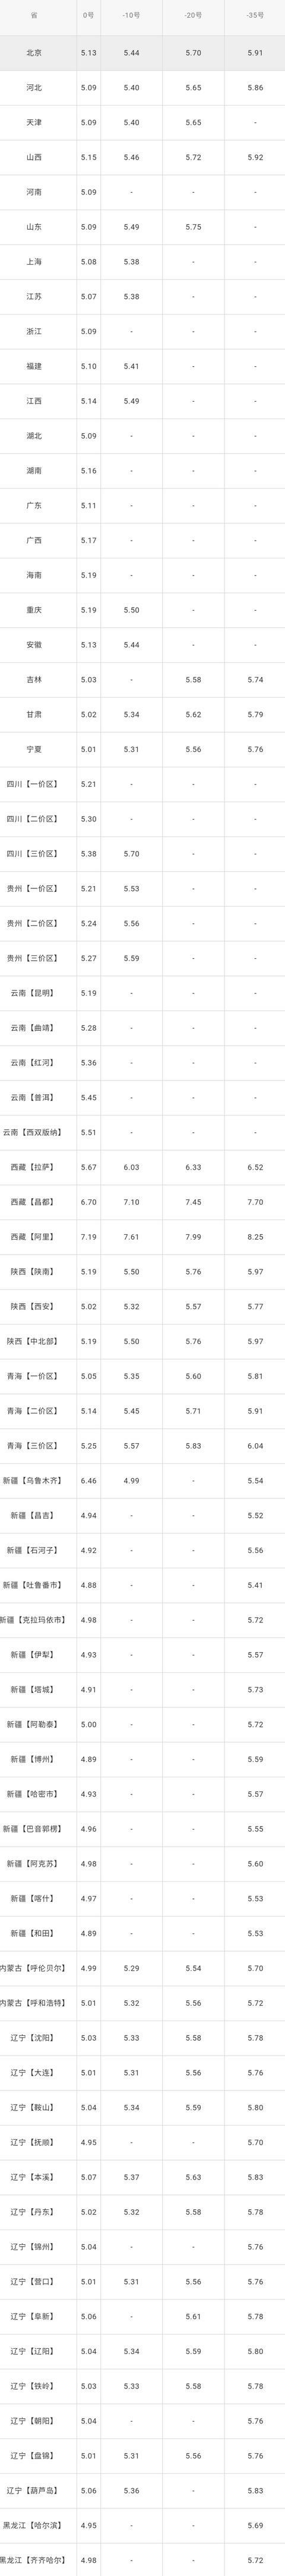 全国油价调整信息:5月27日调整后:全国92、95号汽油价格表